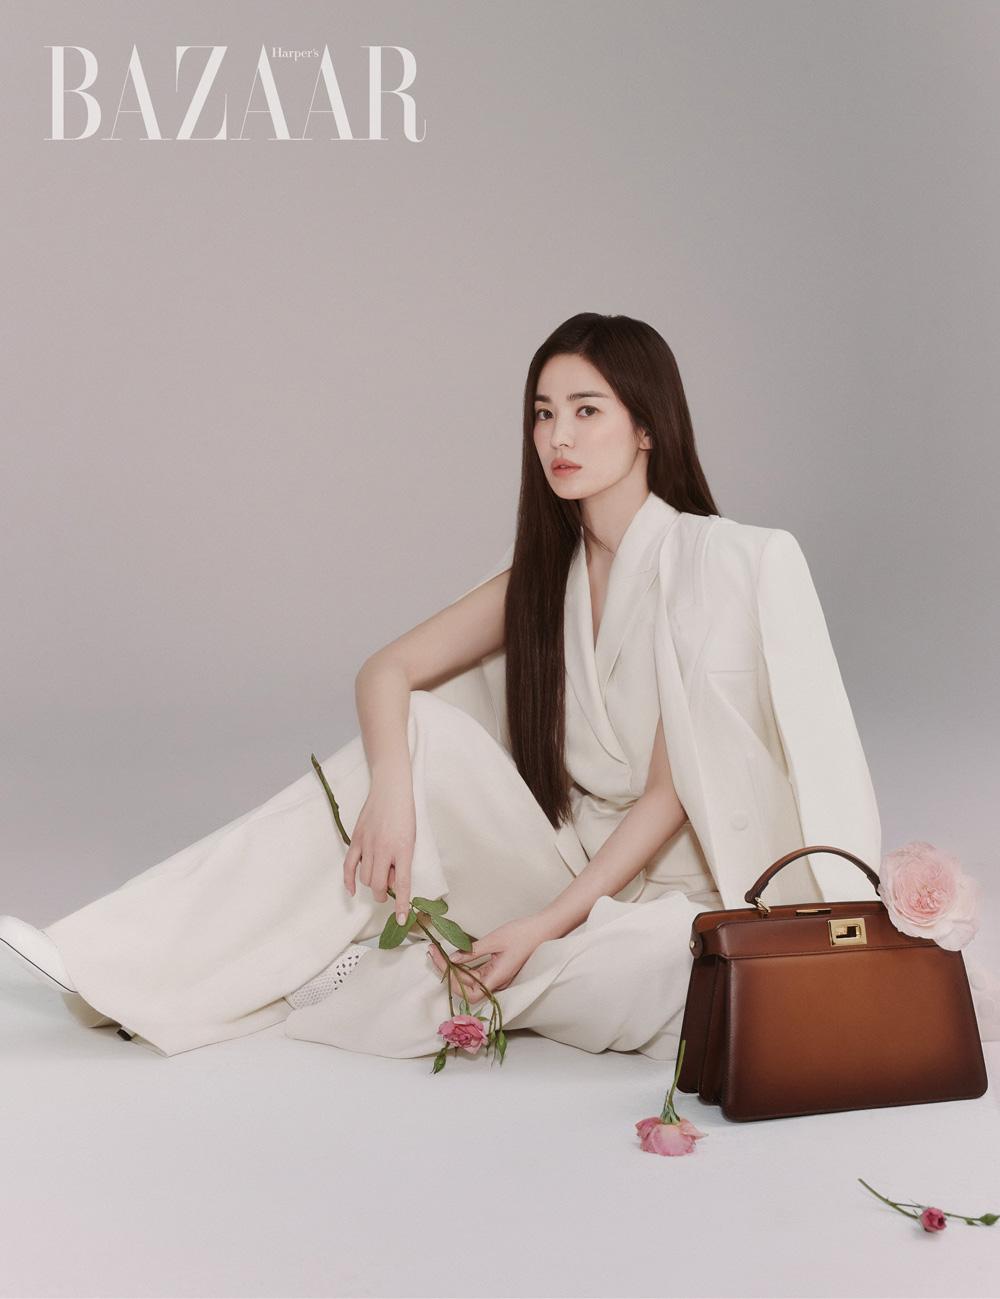 """""""Phản dame"""" như Song Hye Kyo: Hễ bị chê flop là chị lại """"chốt đơn"""" ngay danh phận đại sứ khiến netizen câm nín - Ảnh 3."""